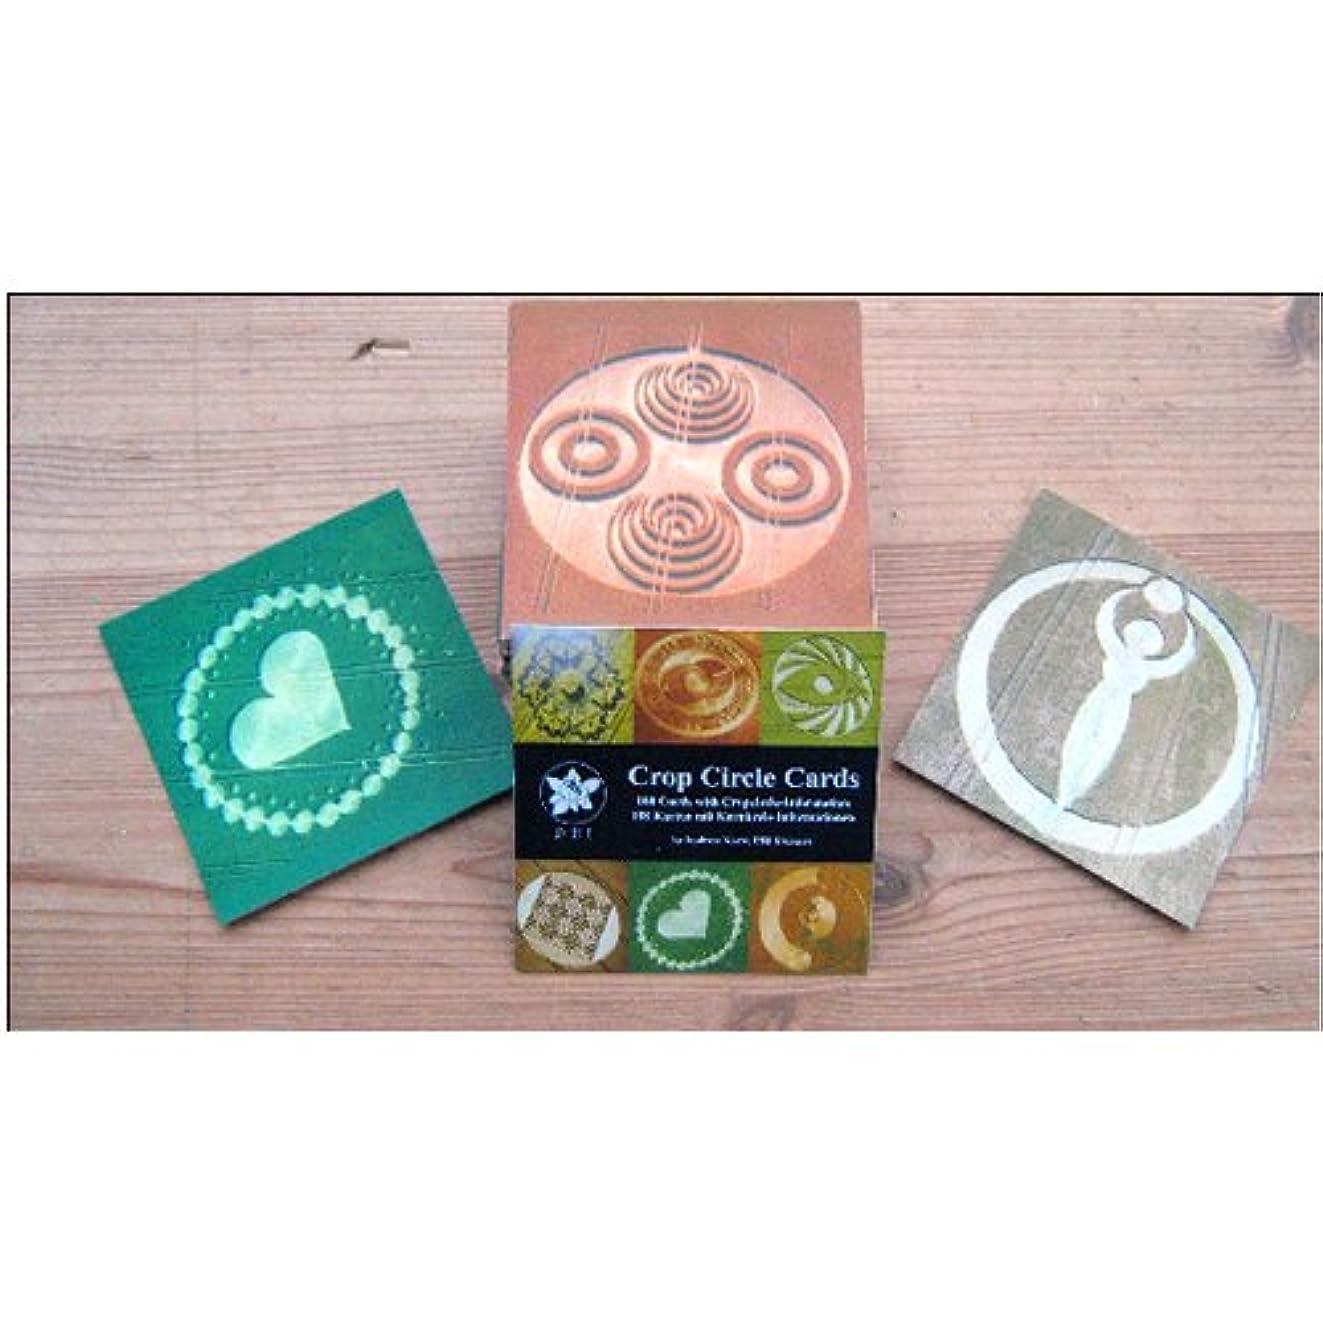 負フォーム同志コルテ PHIエッセンス クロップサークル カード(全108枚) (PHI Essences) 日本国内正規品